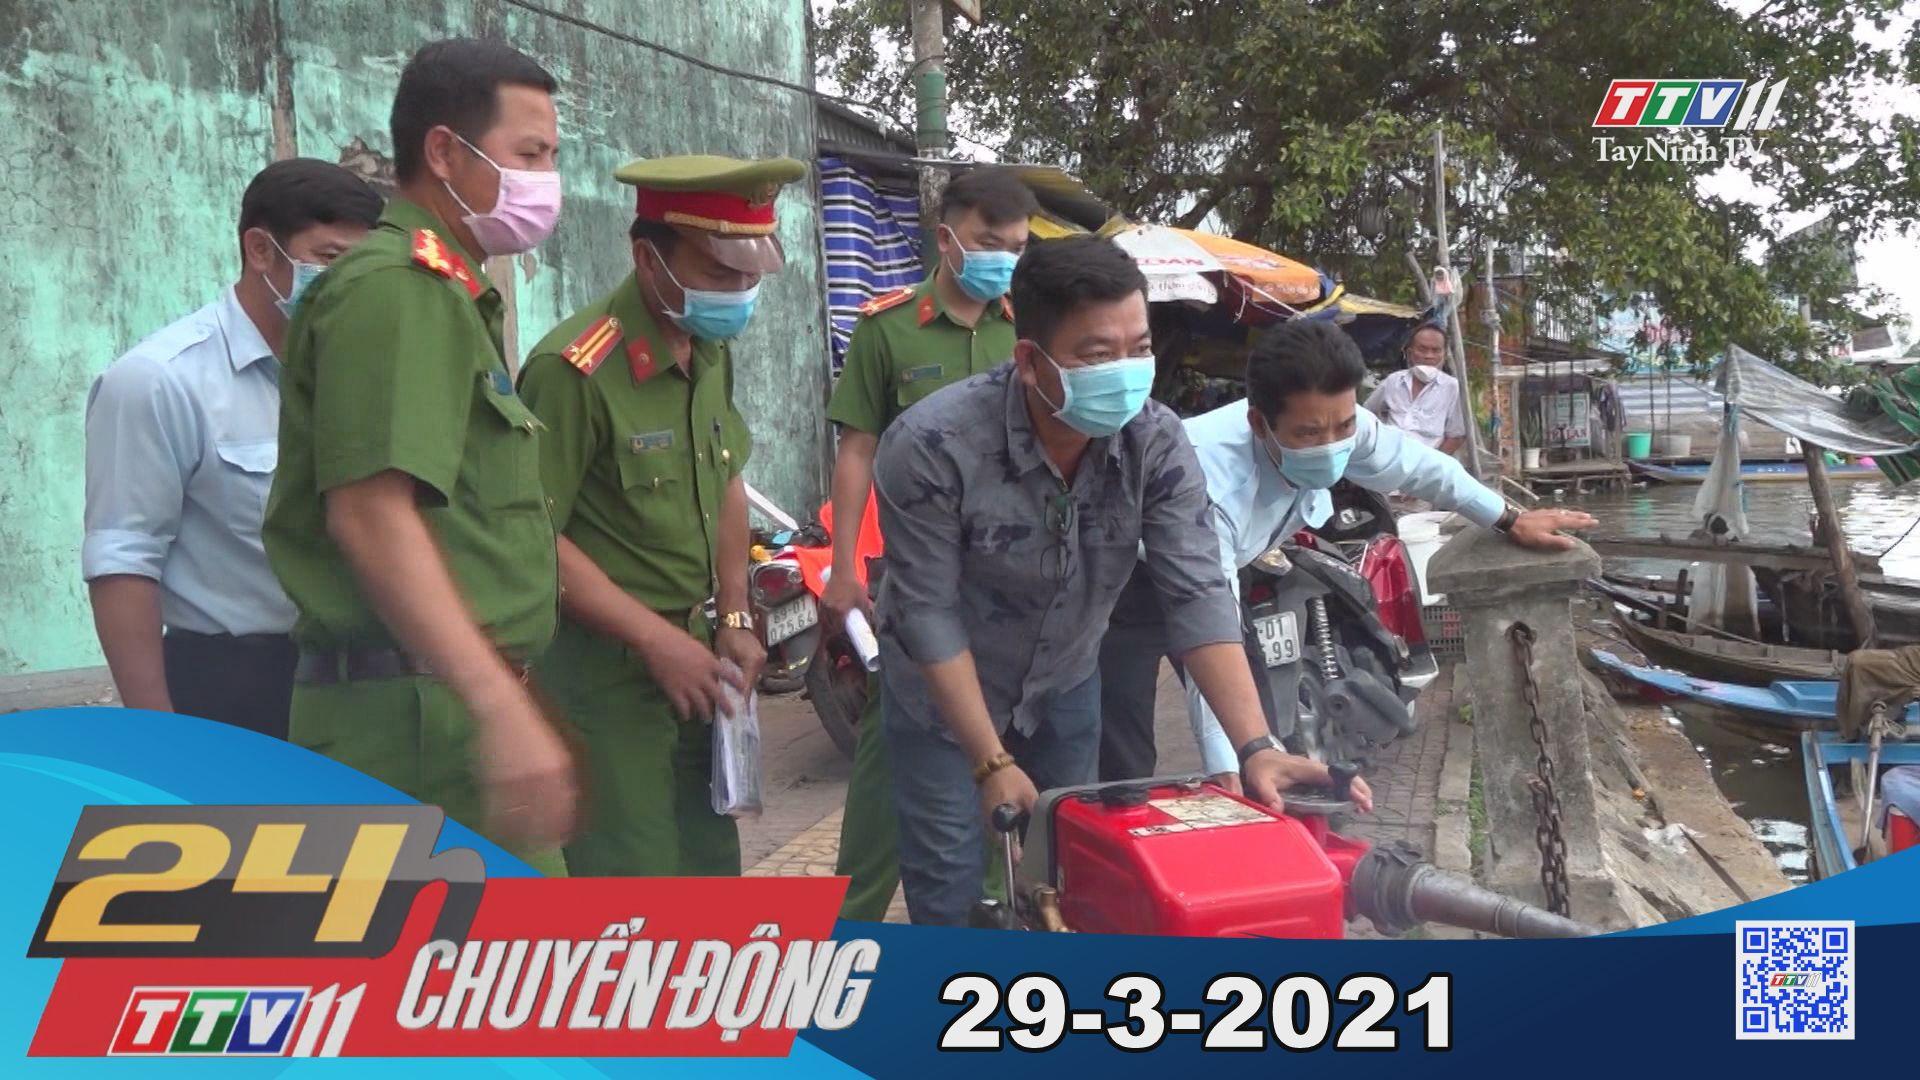 24h Chuyển động 29-3-2021 | Tin tức hôm nay | TayNinhTV